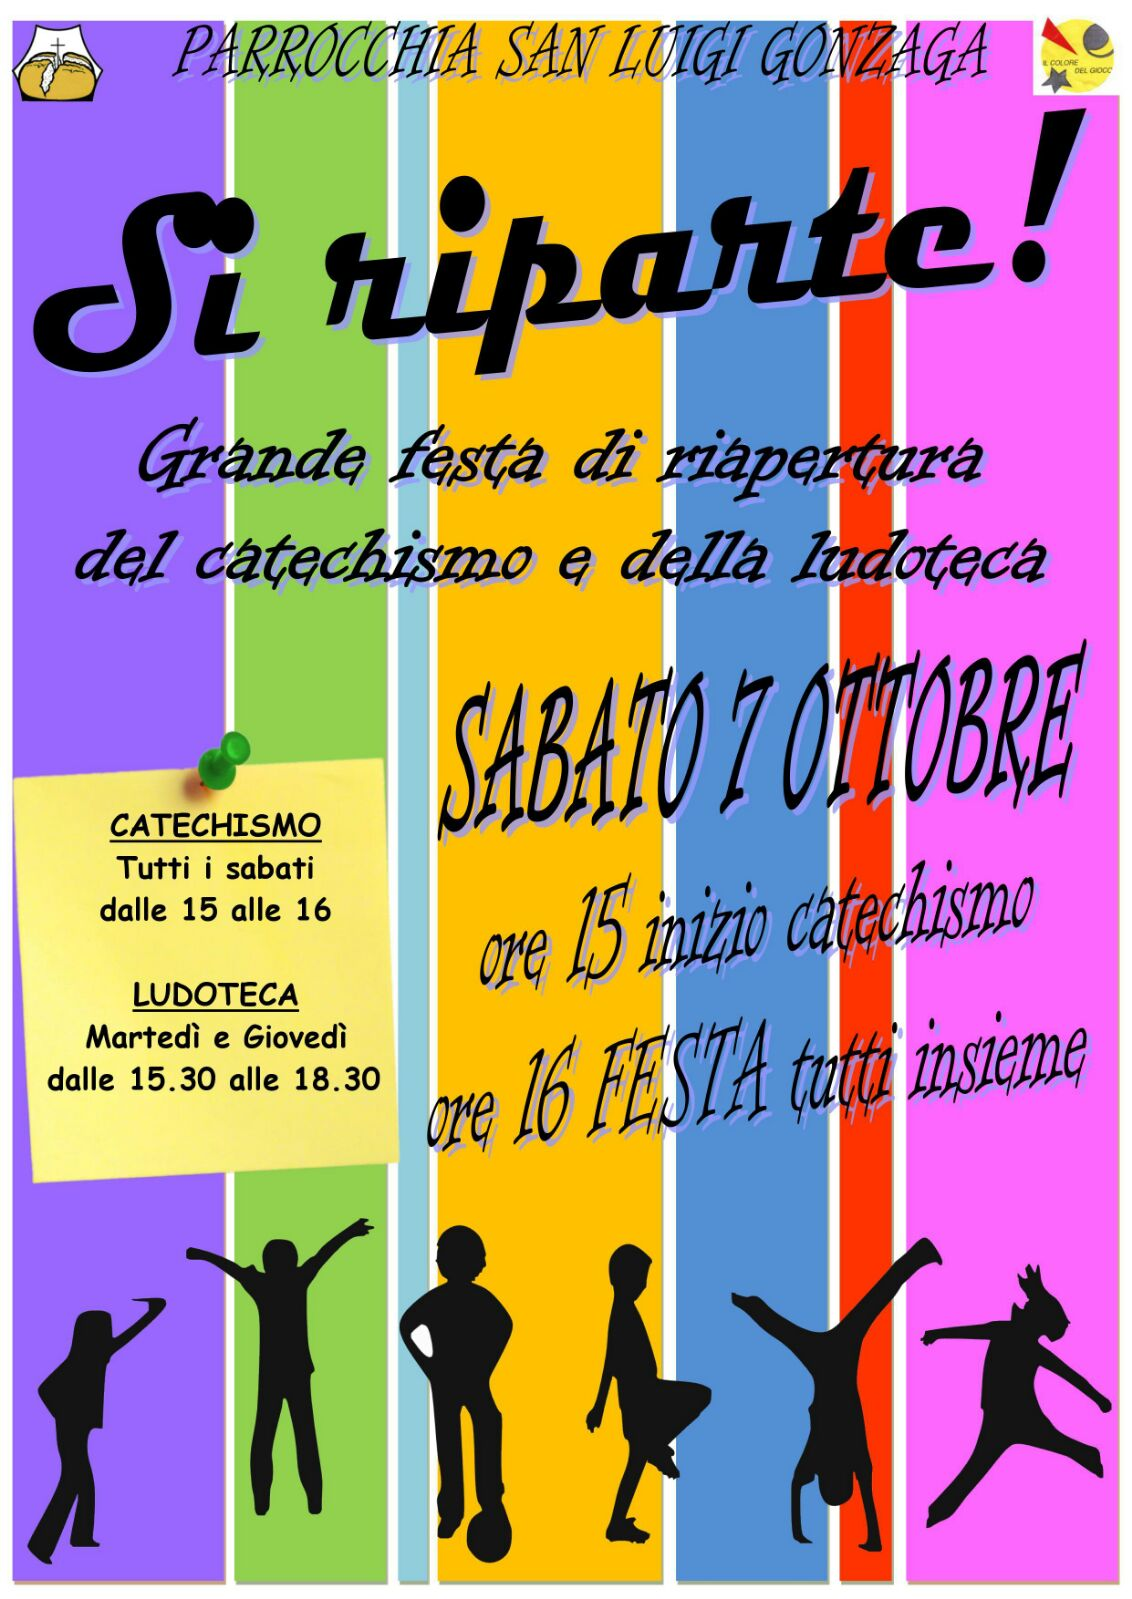 S. Luigi - Festa inizio catechismo